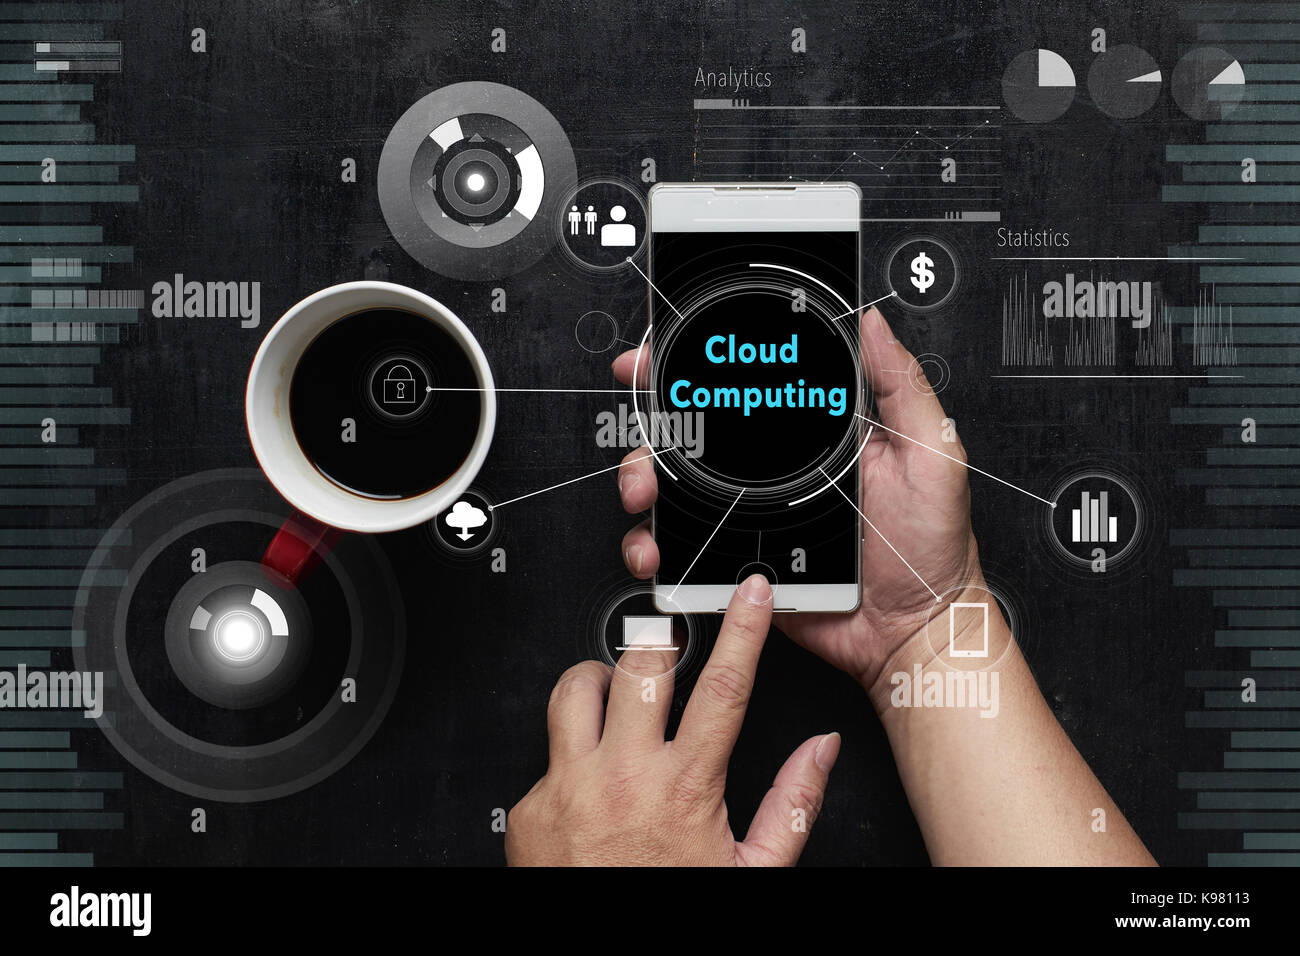 Uomo con dispositivo digitale con 'cloud computing' parola digitale su schermo virtuale . hi-tech la concezione Immagini Stock